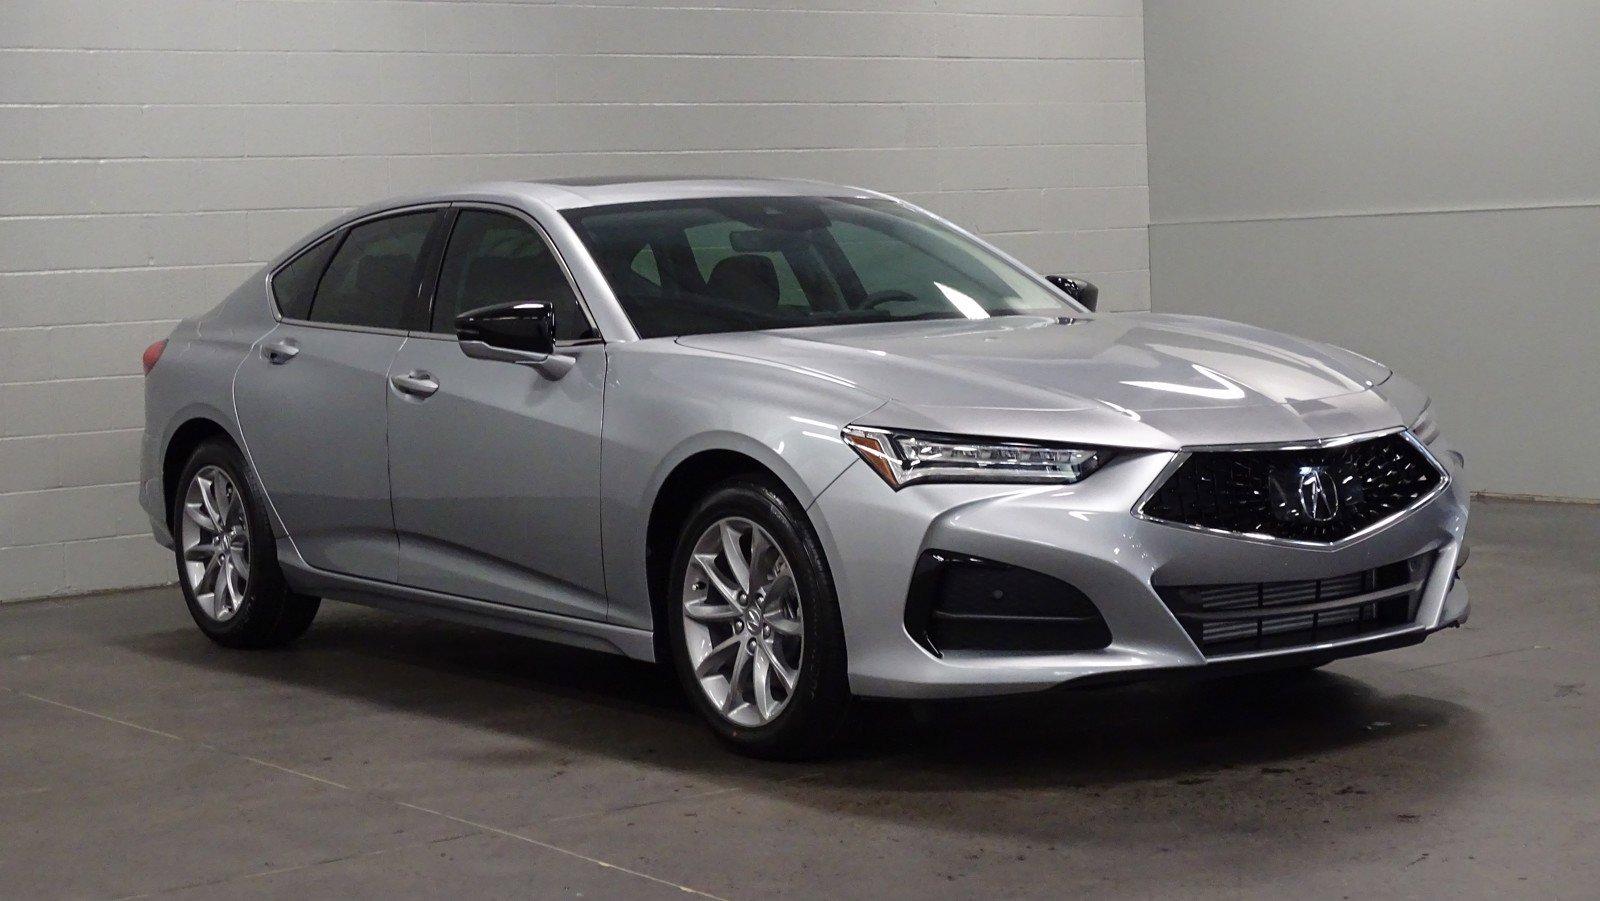 2021 Acura TLX 4DR SH-AWD